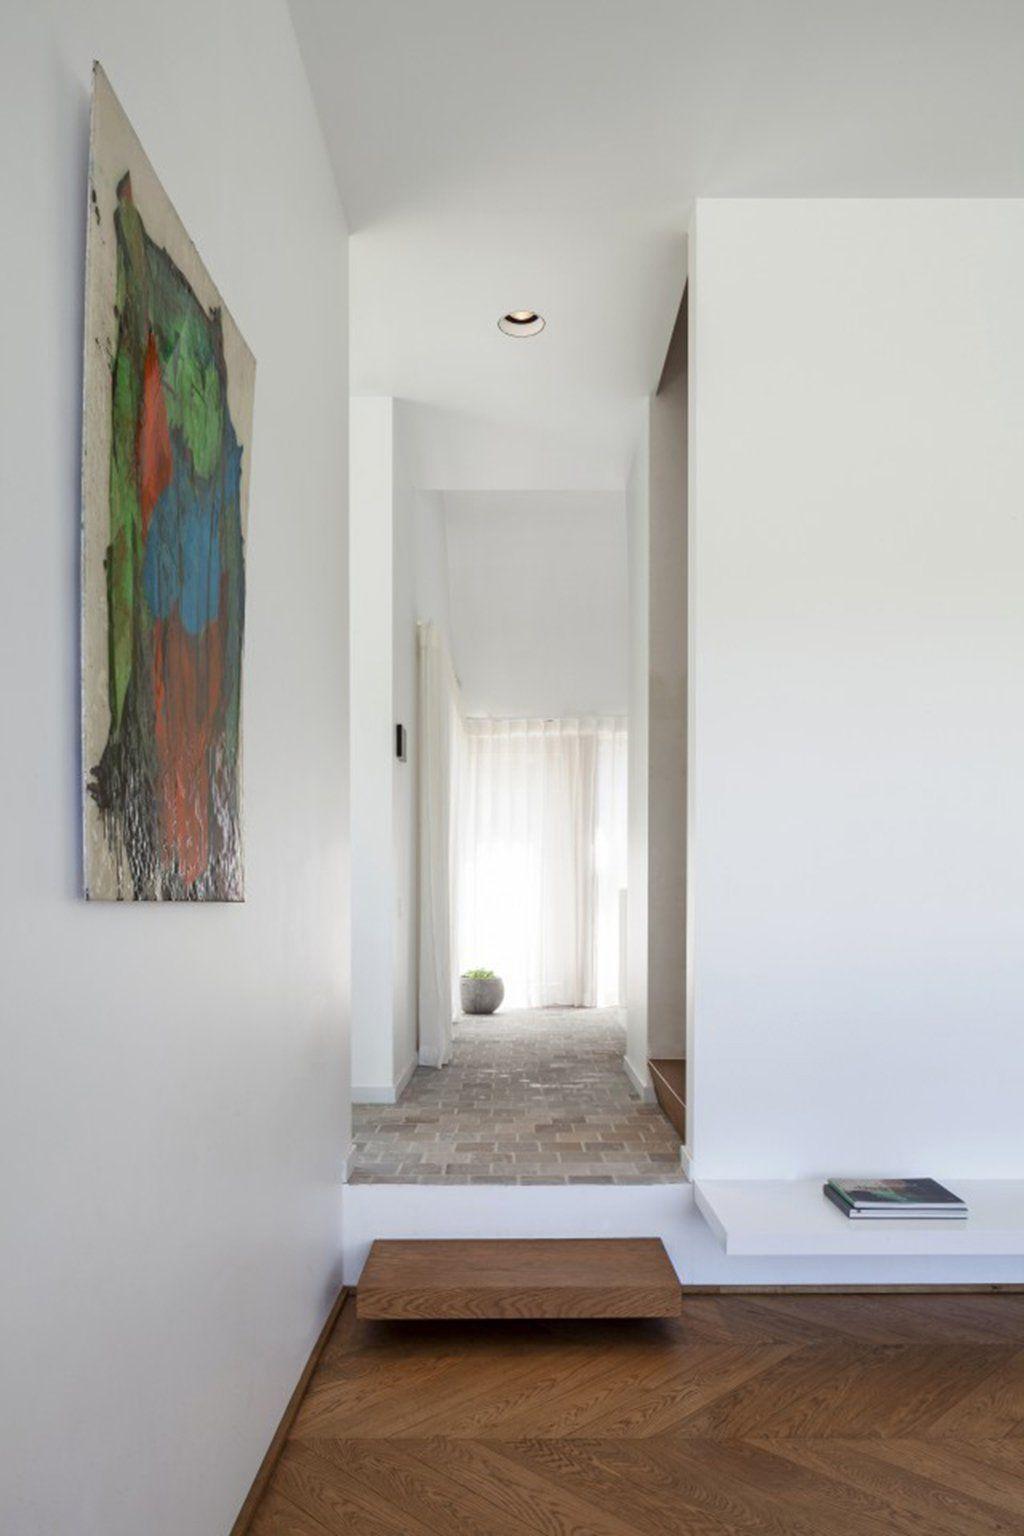 Een minimalistische woning, midden in de natuur, waar je heerlijk tot rust kan komen en altijd een vakantiegevoel hebt.Hier heeft iedereen - zo nu en dan - toc